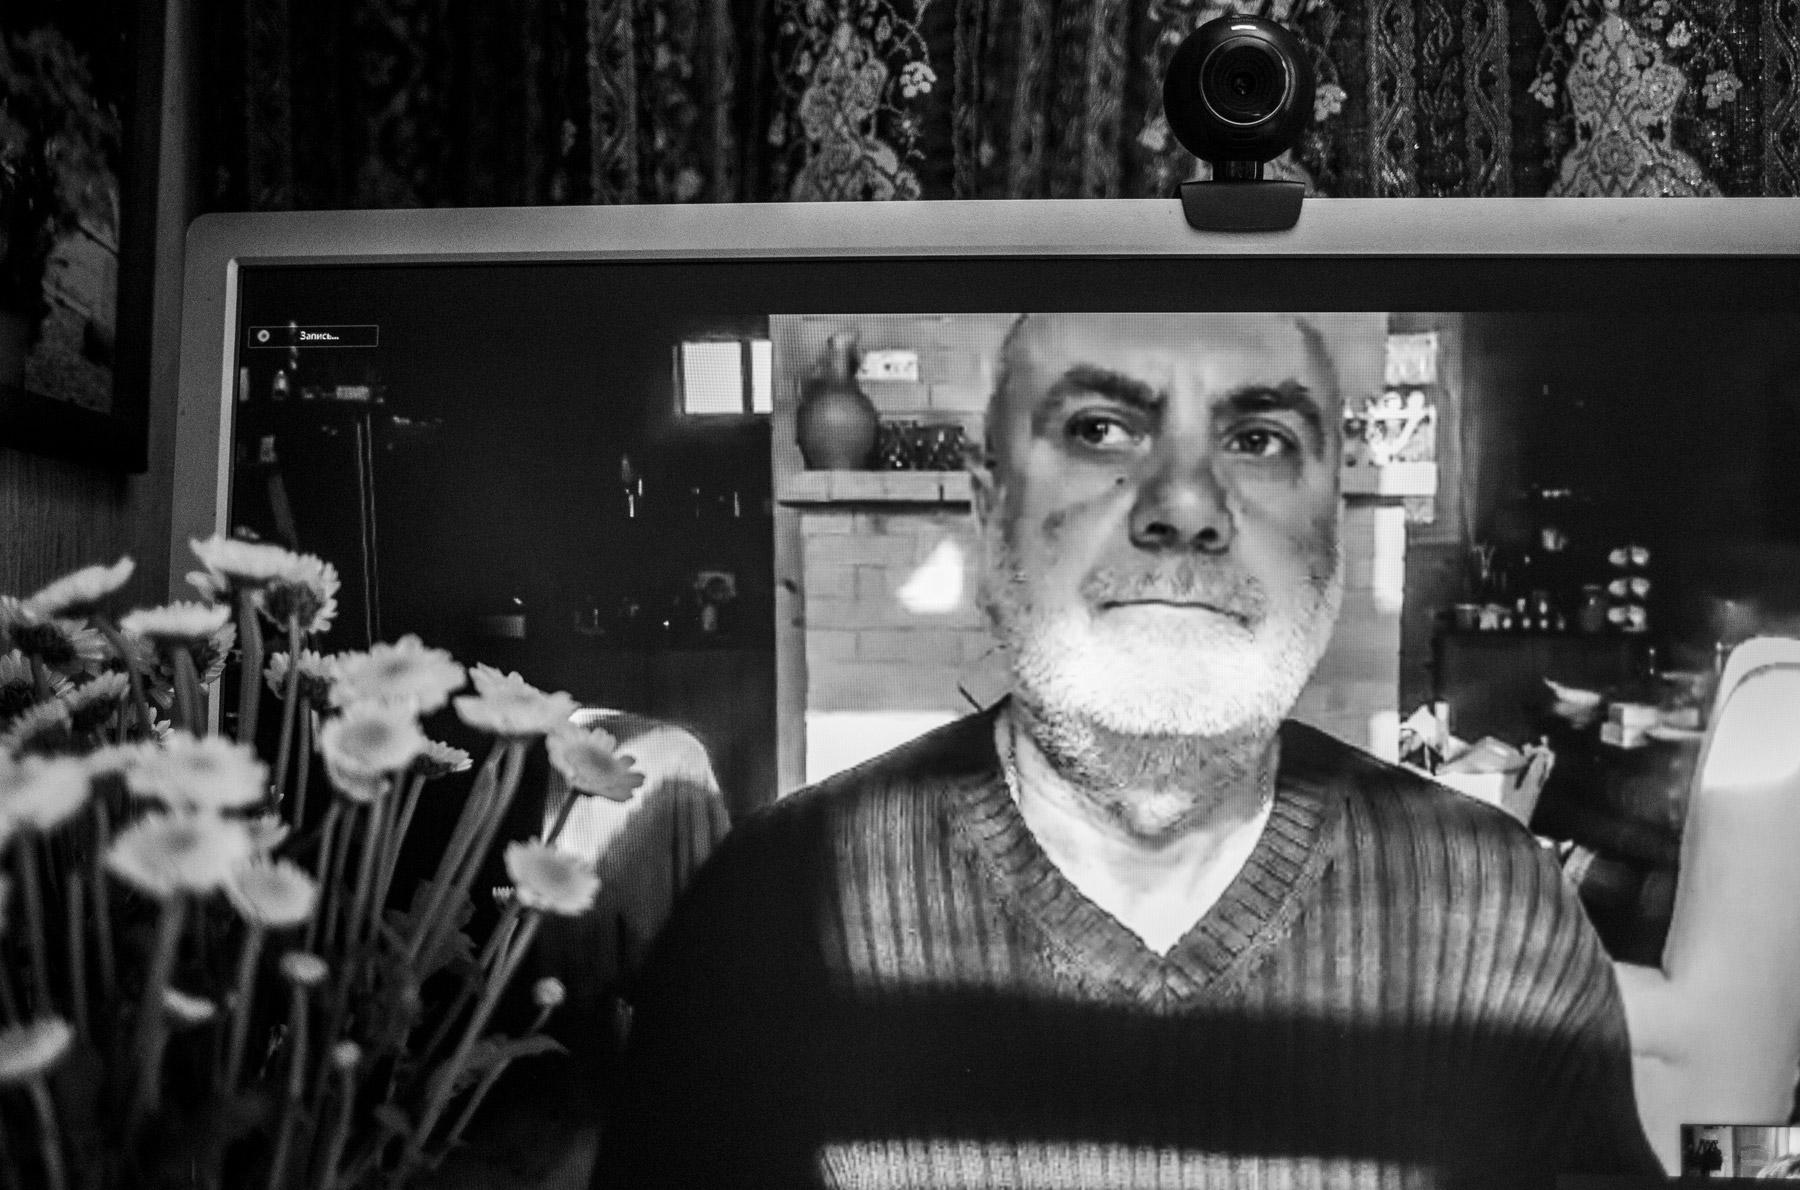 Владимир Мирзоев: «Через какое-то время мысможем по-другому воспринимать реальность наэкране». Фото: Александра Астахова